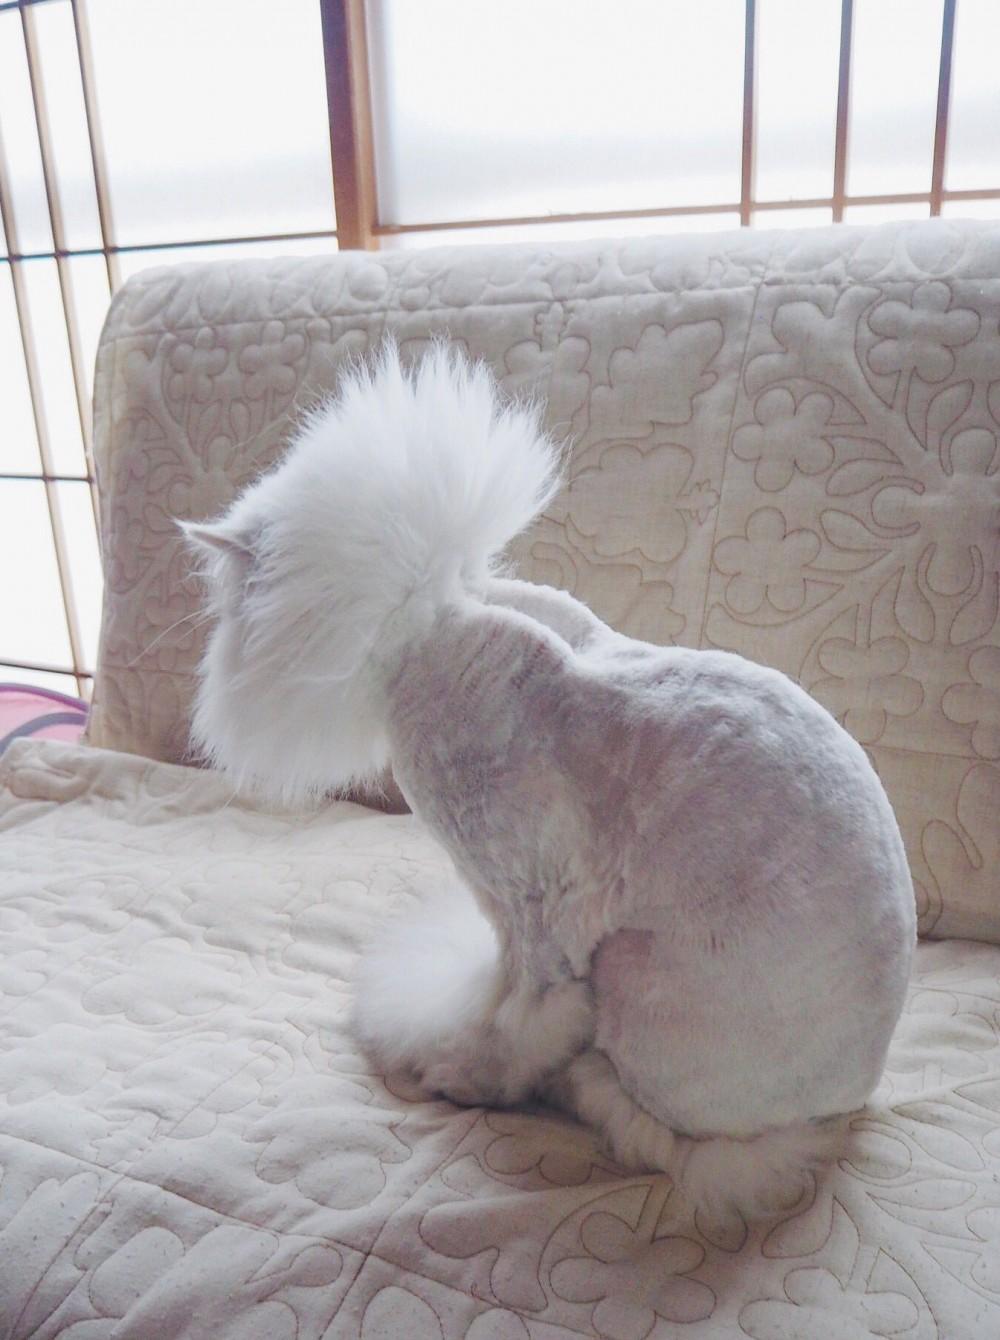 貓奴分享「喵皇被剃毛」的無奈照 網看「光禿禿背影」超母湯:太色了!